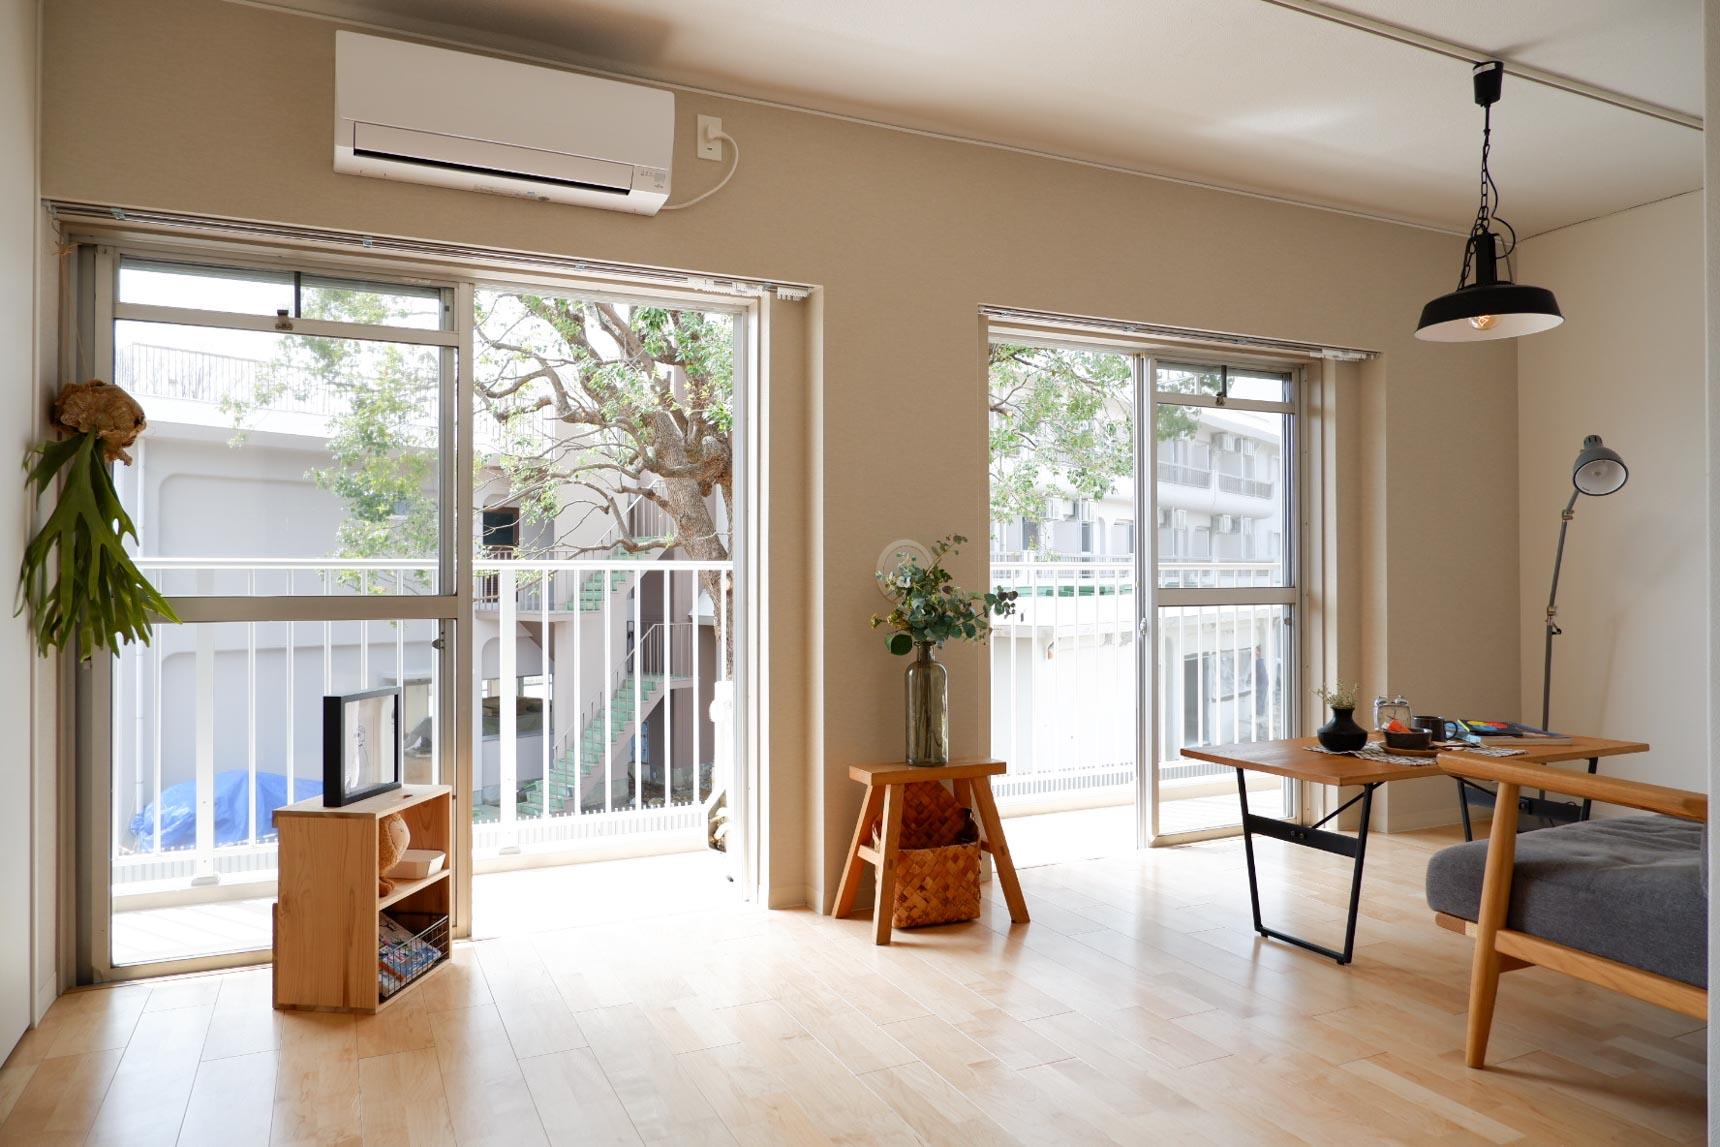 1階には専用庭があるお部屋も。207号室は、リビングから大きな樹が望めて、気持ちが良いです